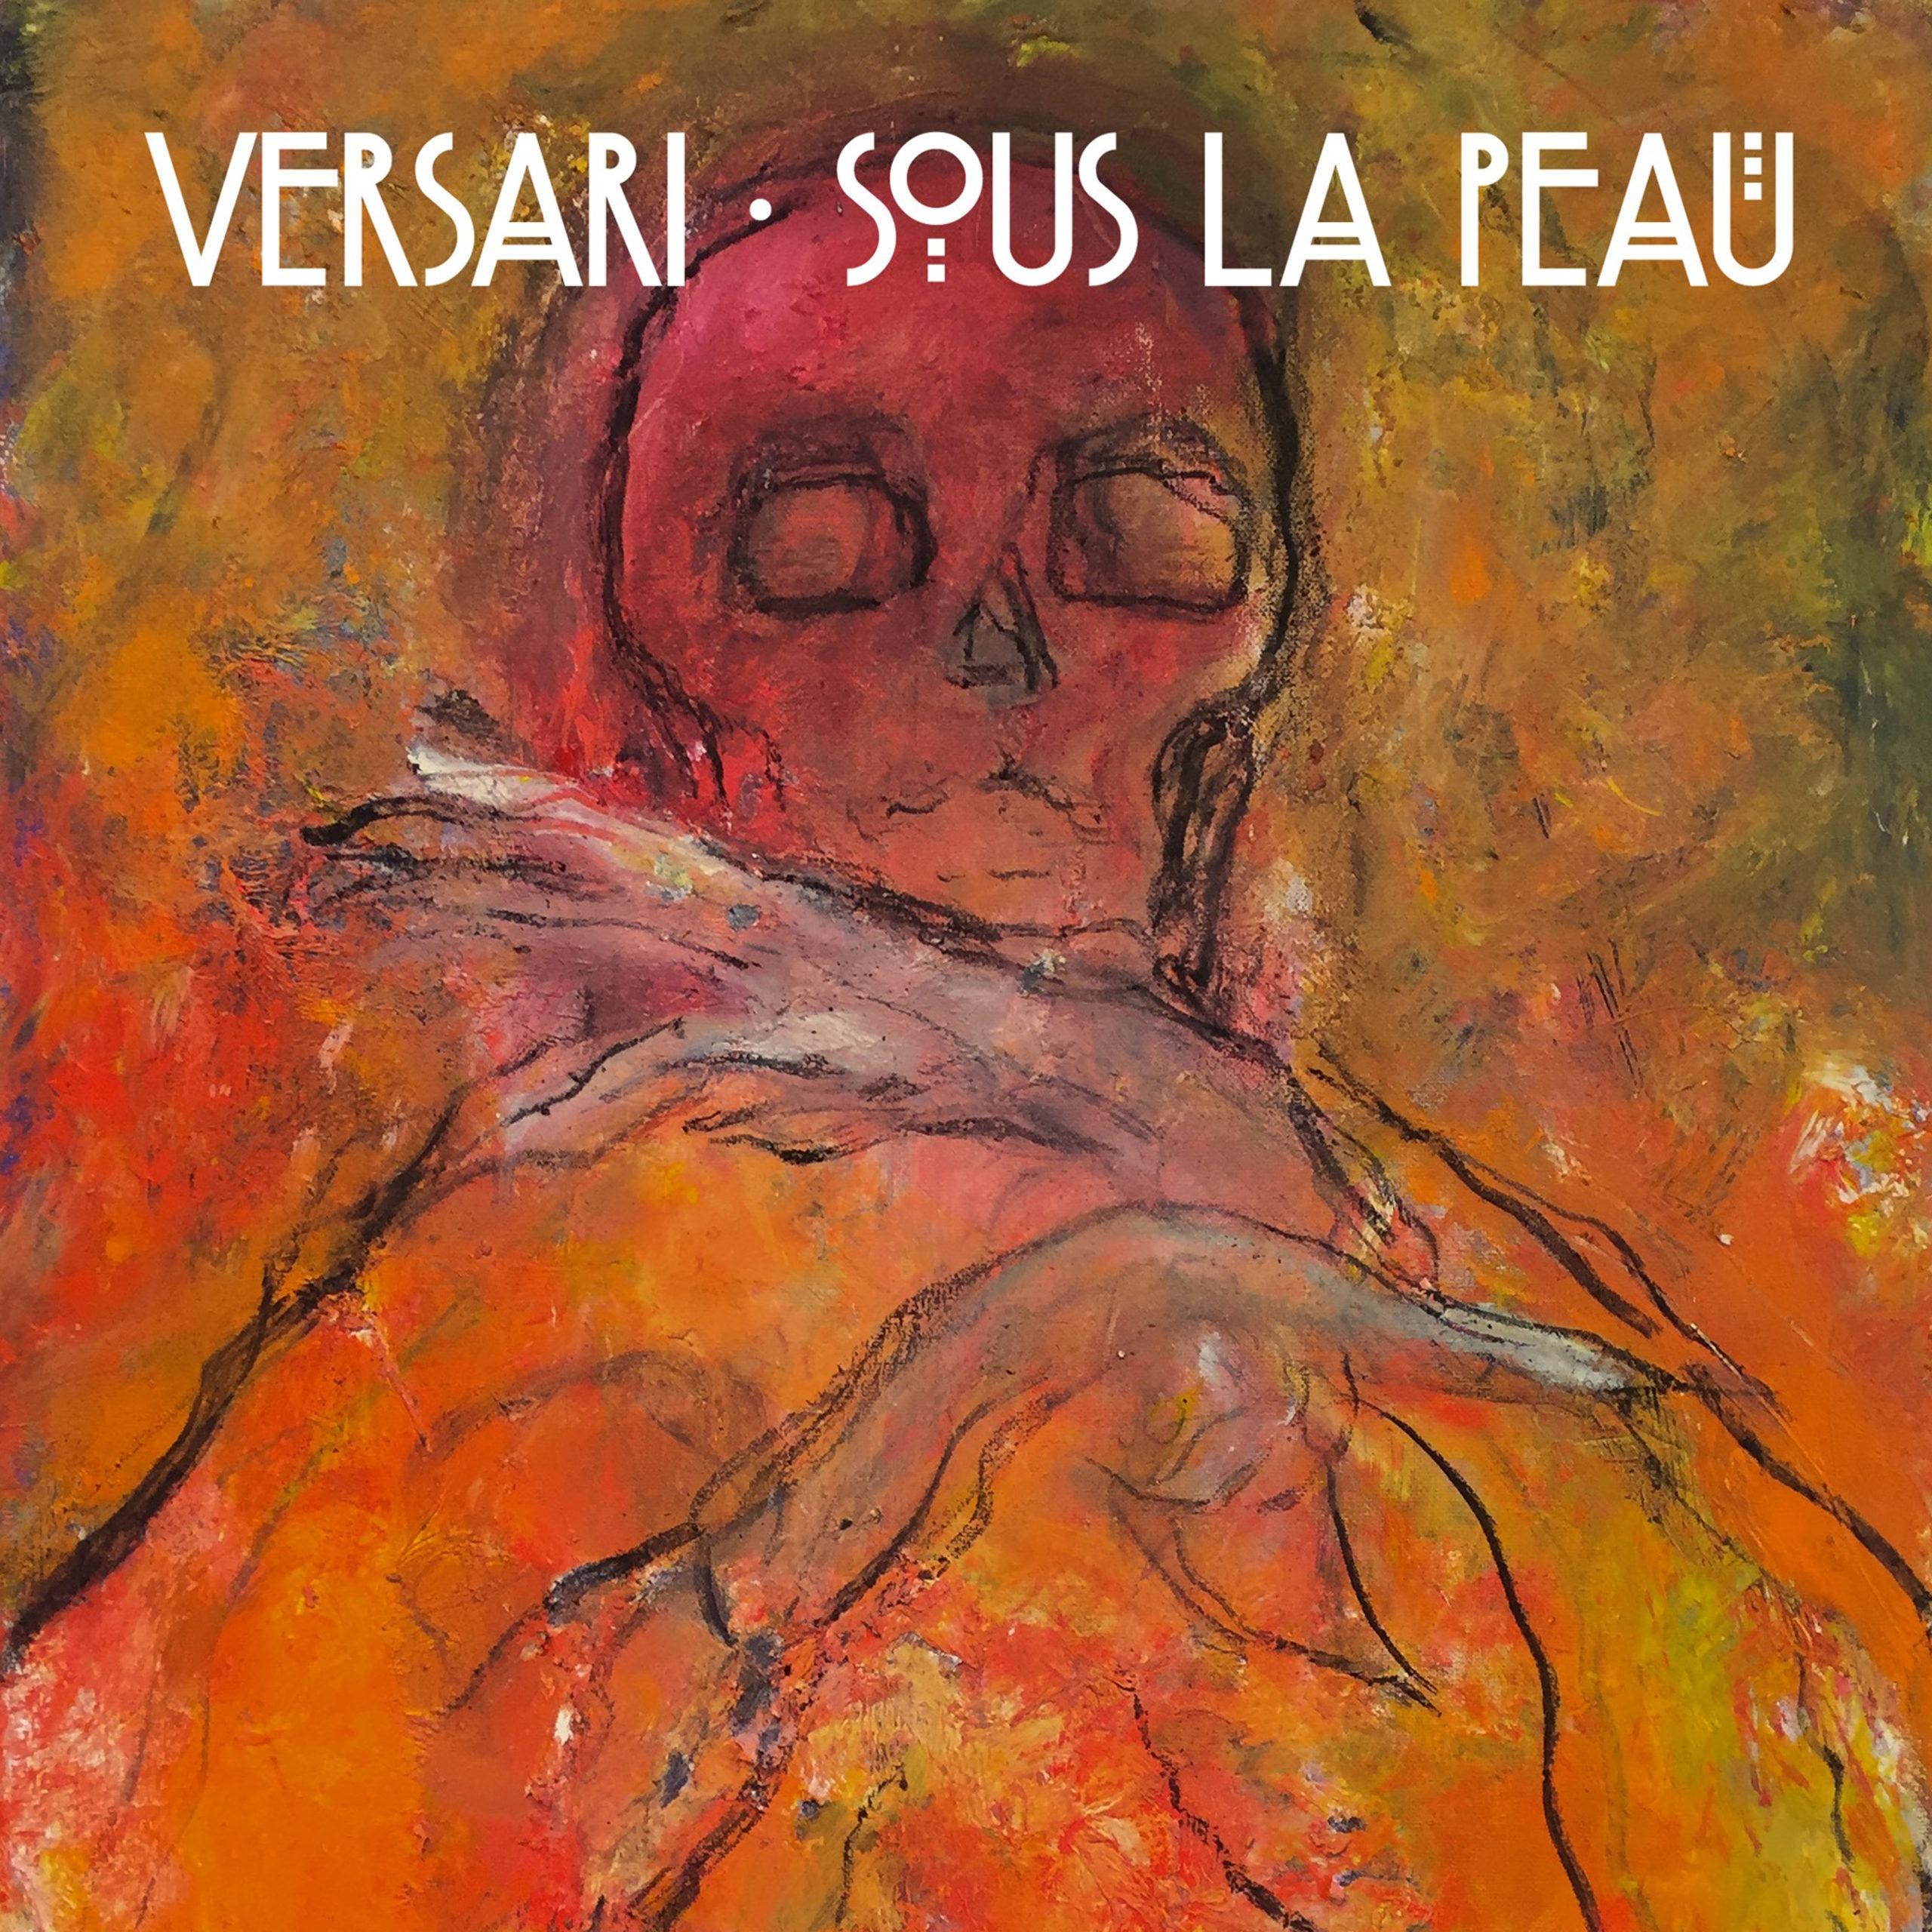 Interview with Versari